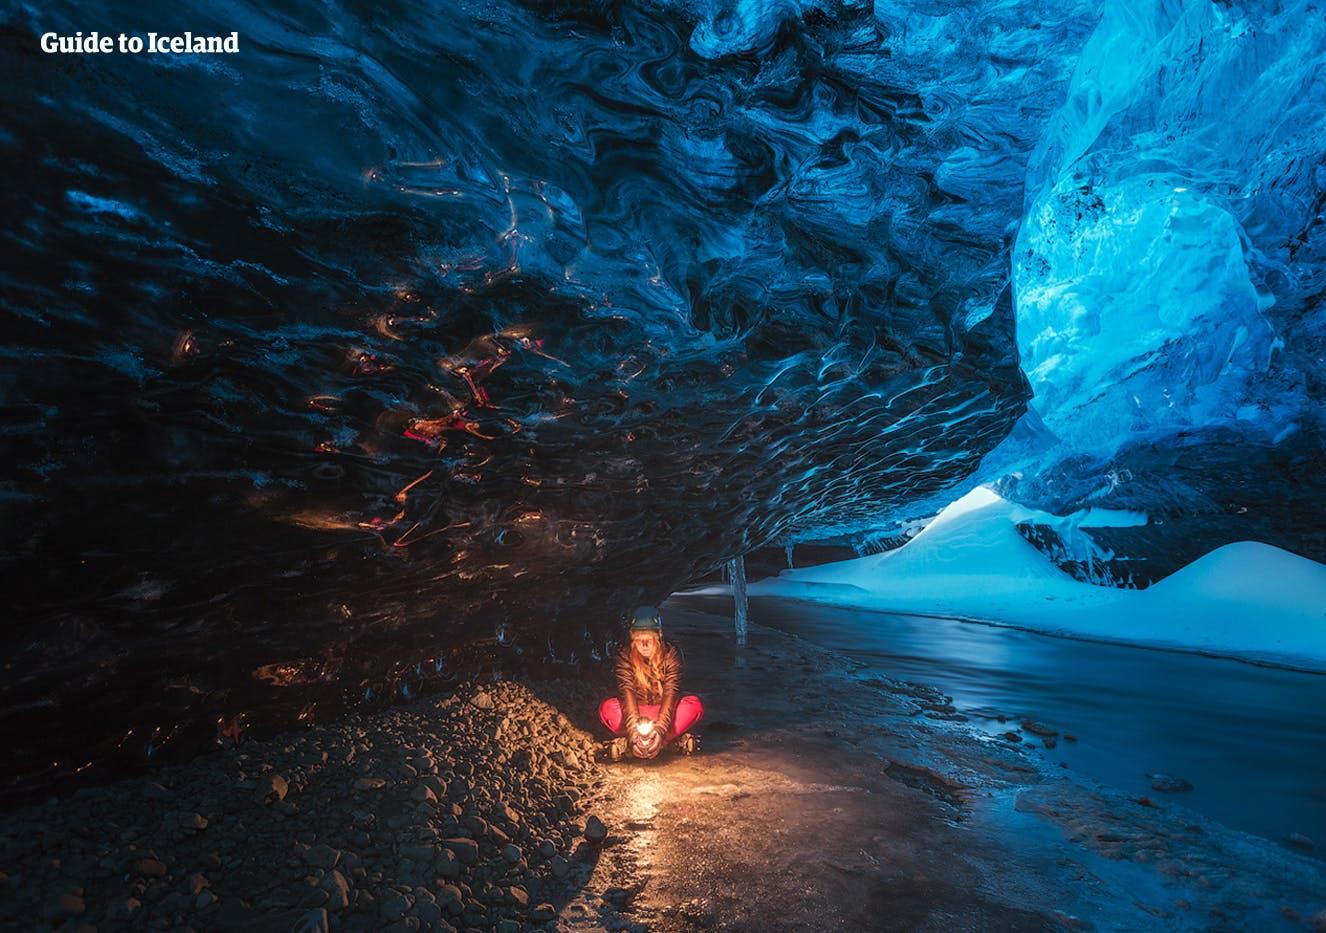 5-дневный зимний пакетный тур | Золотое кольцо, ледниковая пещера, северное сияние и Голубая лагуна